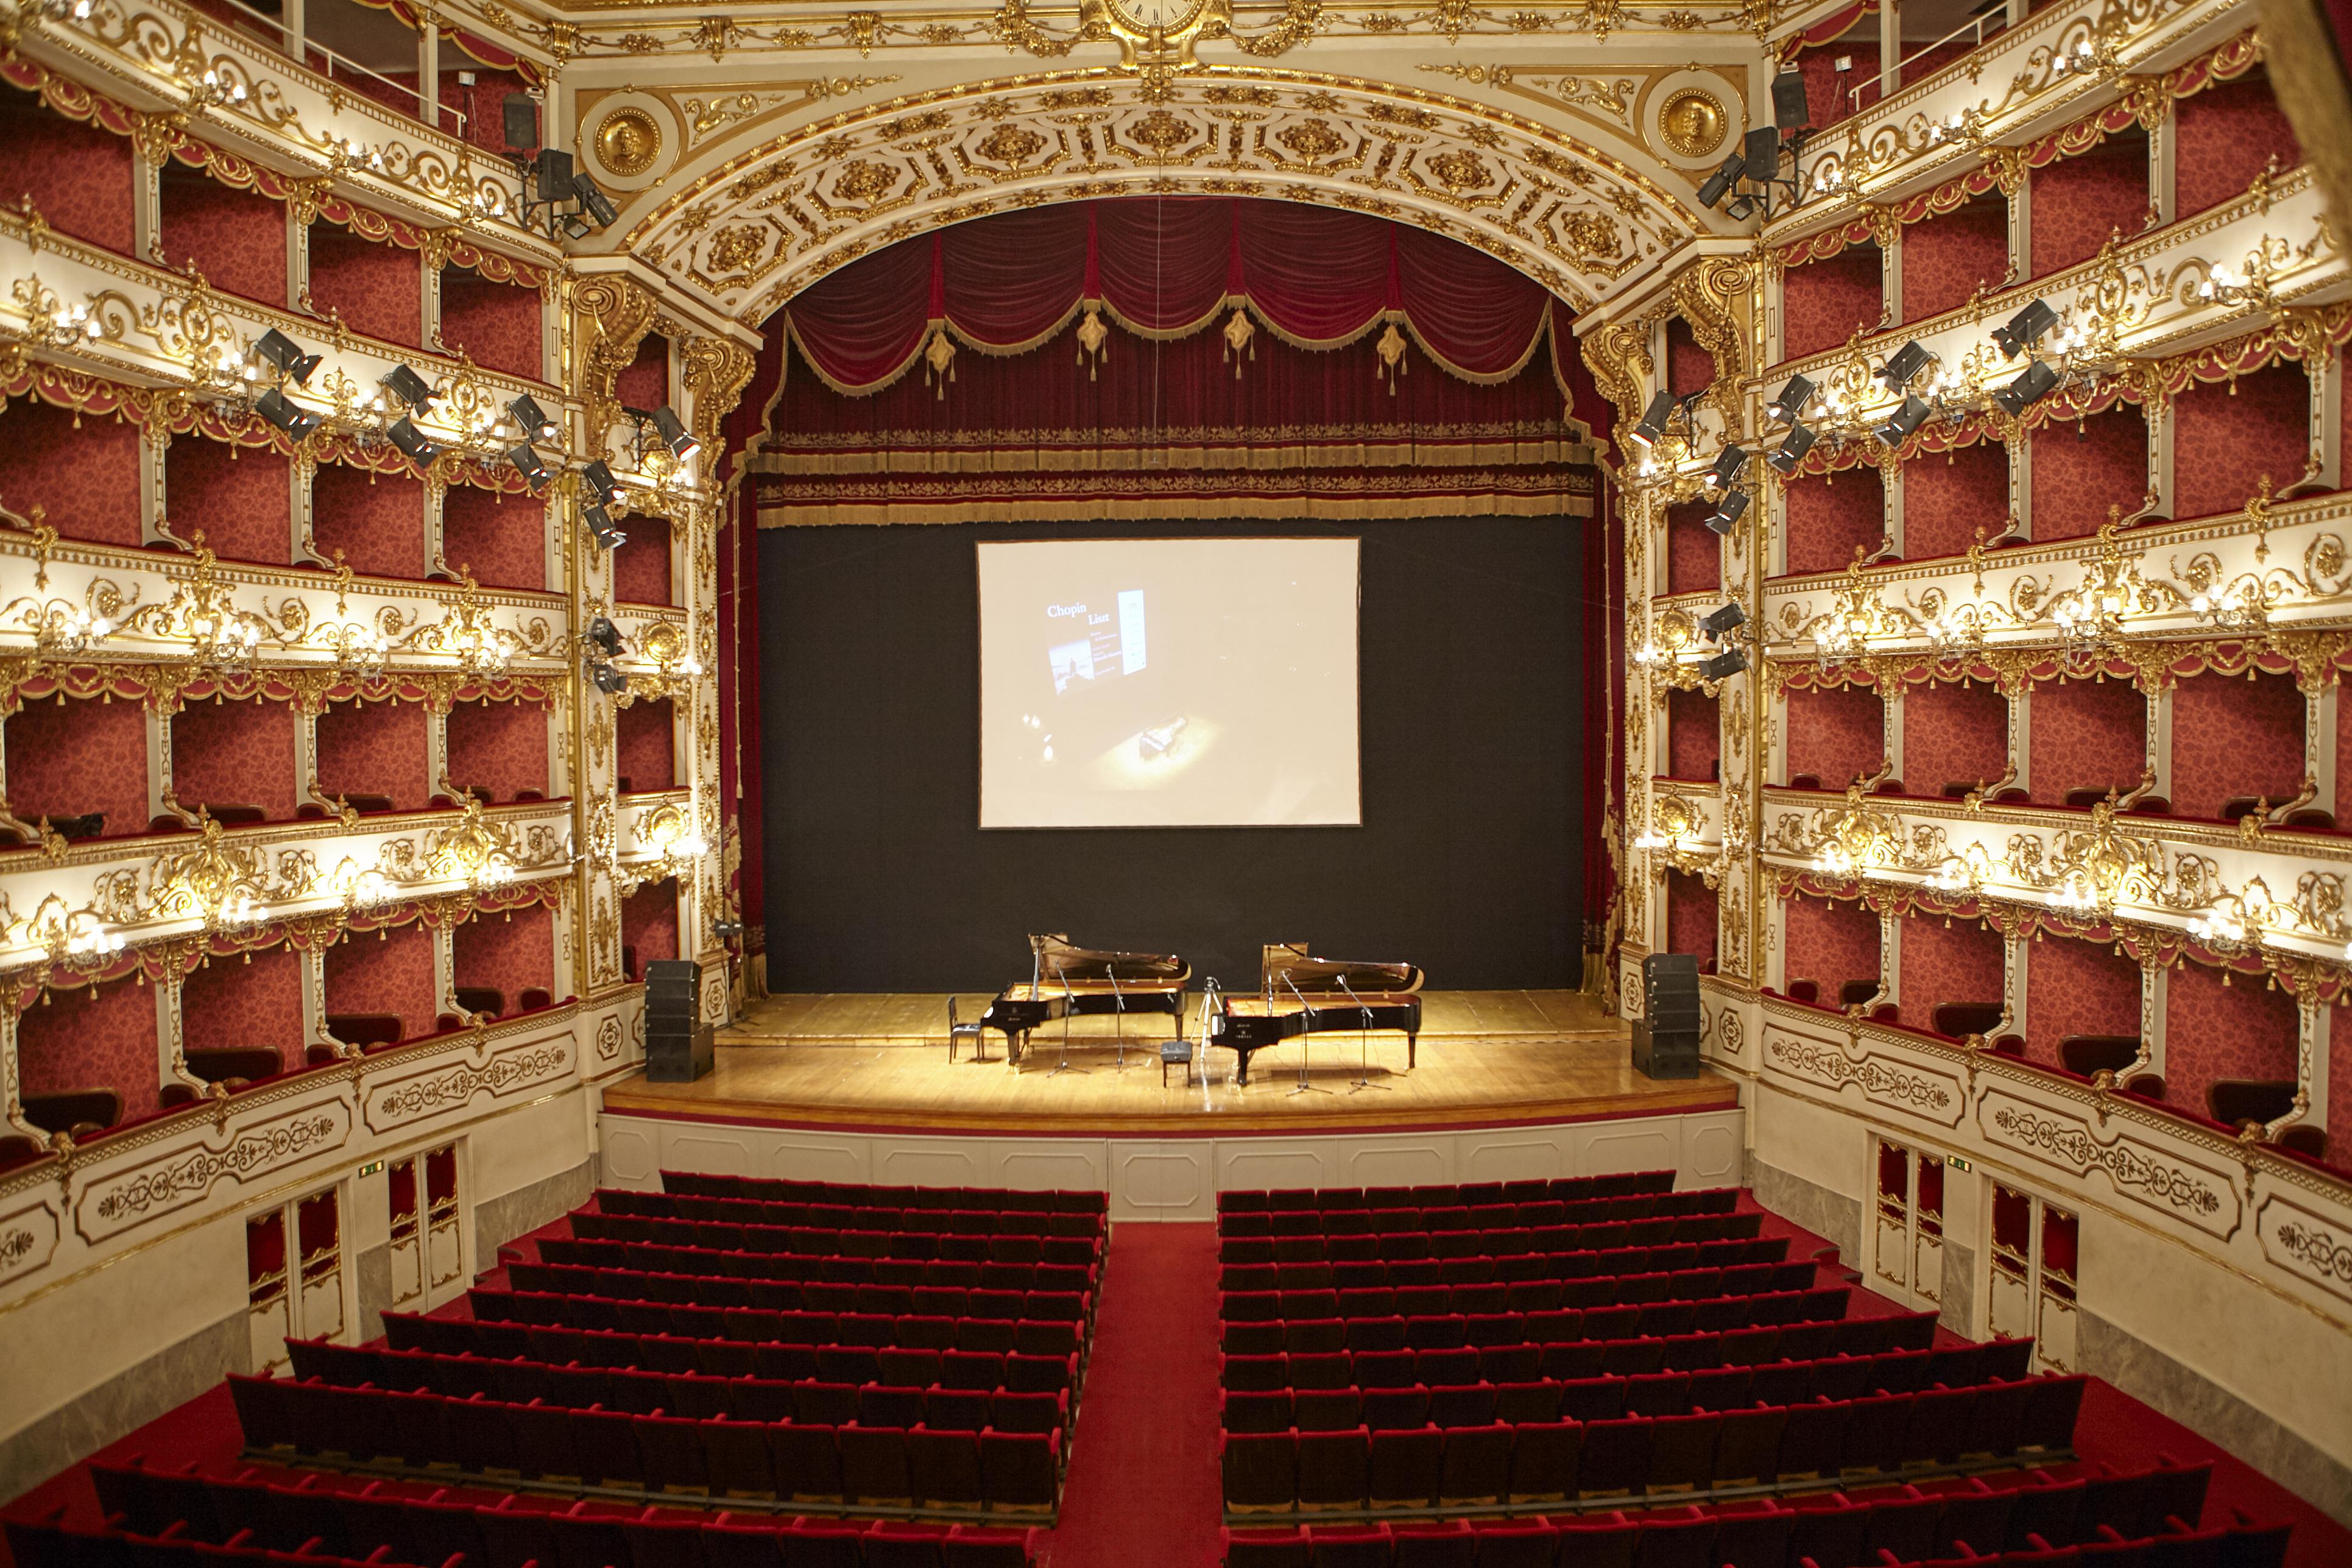 Teatro Municipale Valli